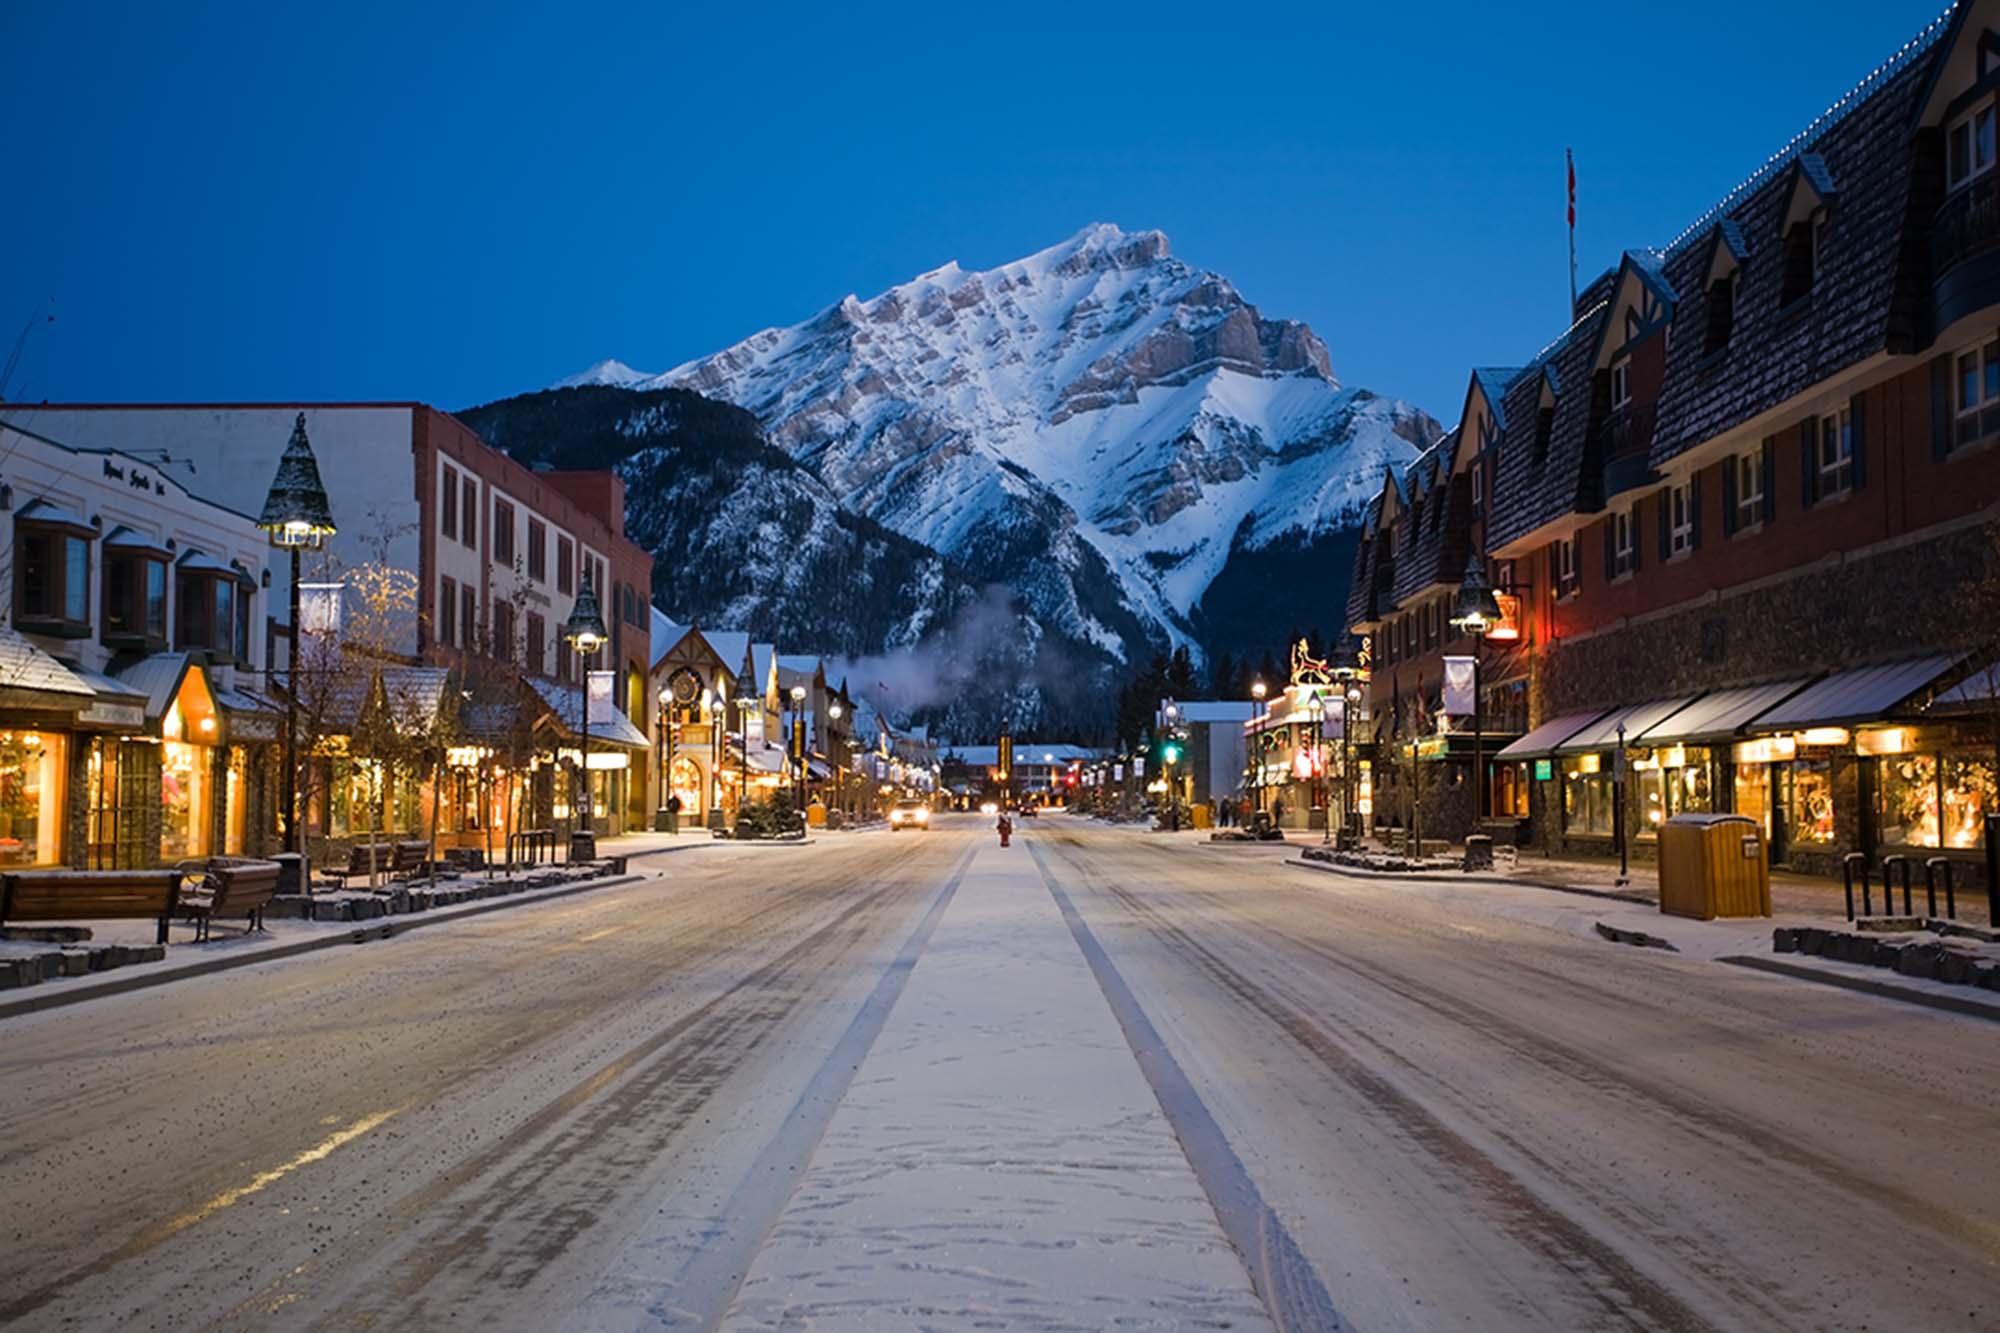 Snow cool: Winter comes alive in Banff, Alberta.